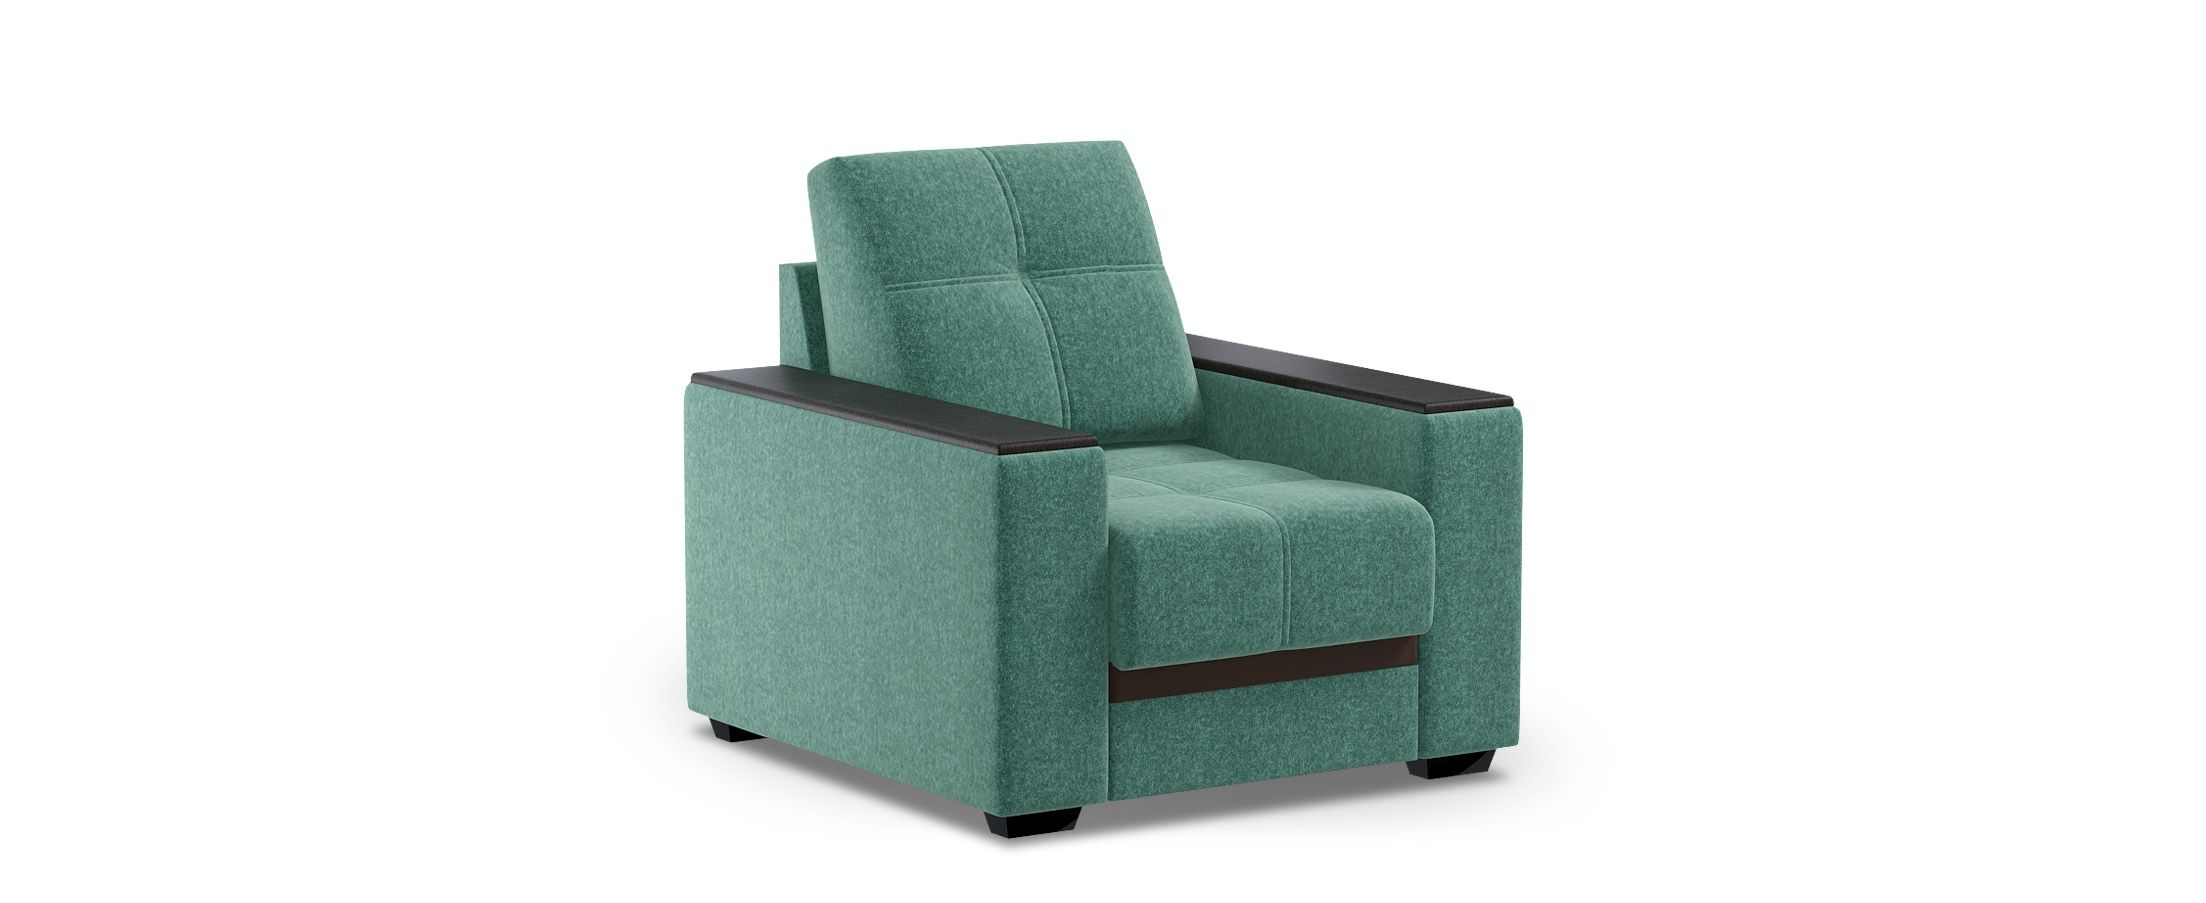 Кресло тканевое Атланта 066Купить зелёное кресло Атланта. Материал обивки - велюр, экокожа. Подлокотники цвета венге. Габариты 91х98х90 см. Доставим от 1 дня, поднимем и соберём.<br>